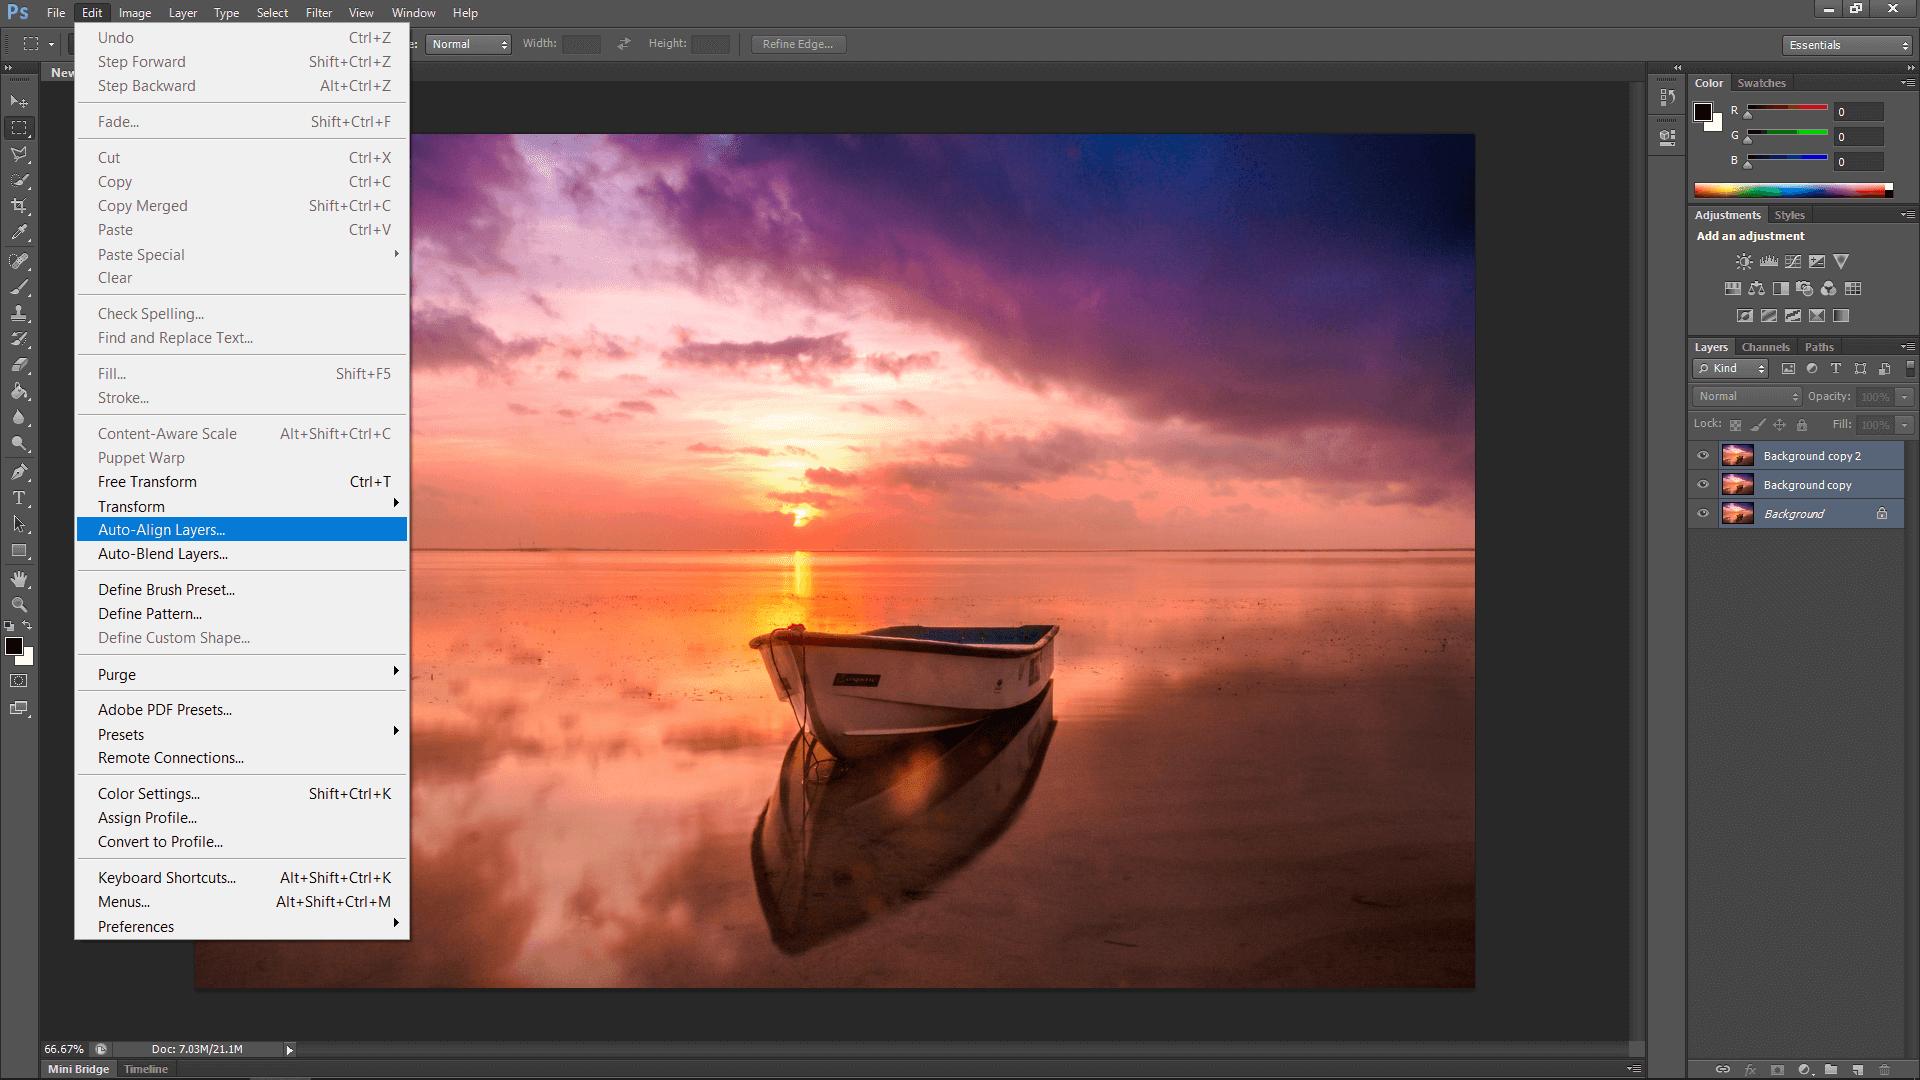 Photoshop Auto Align